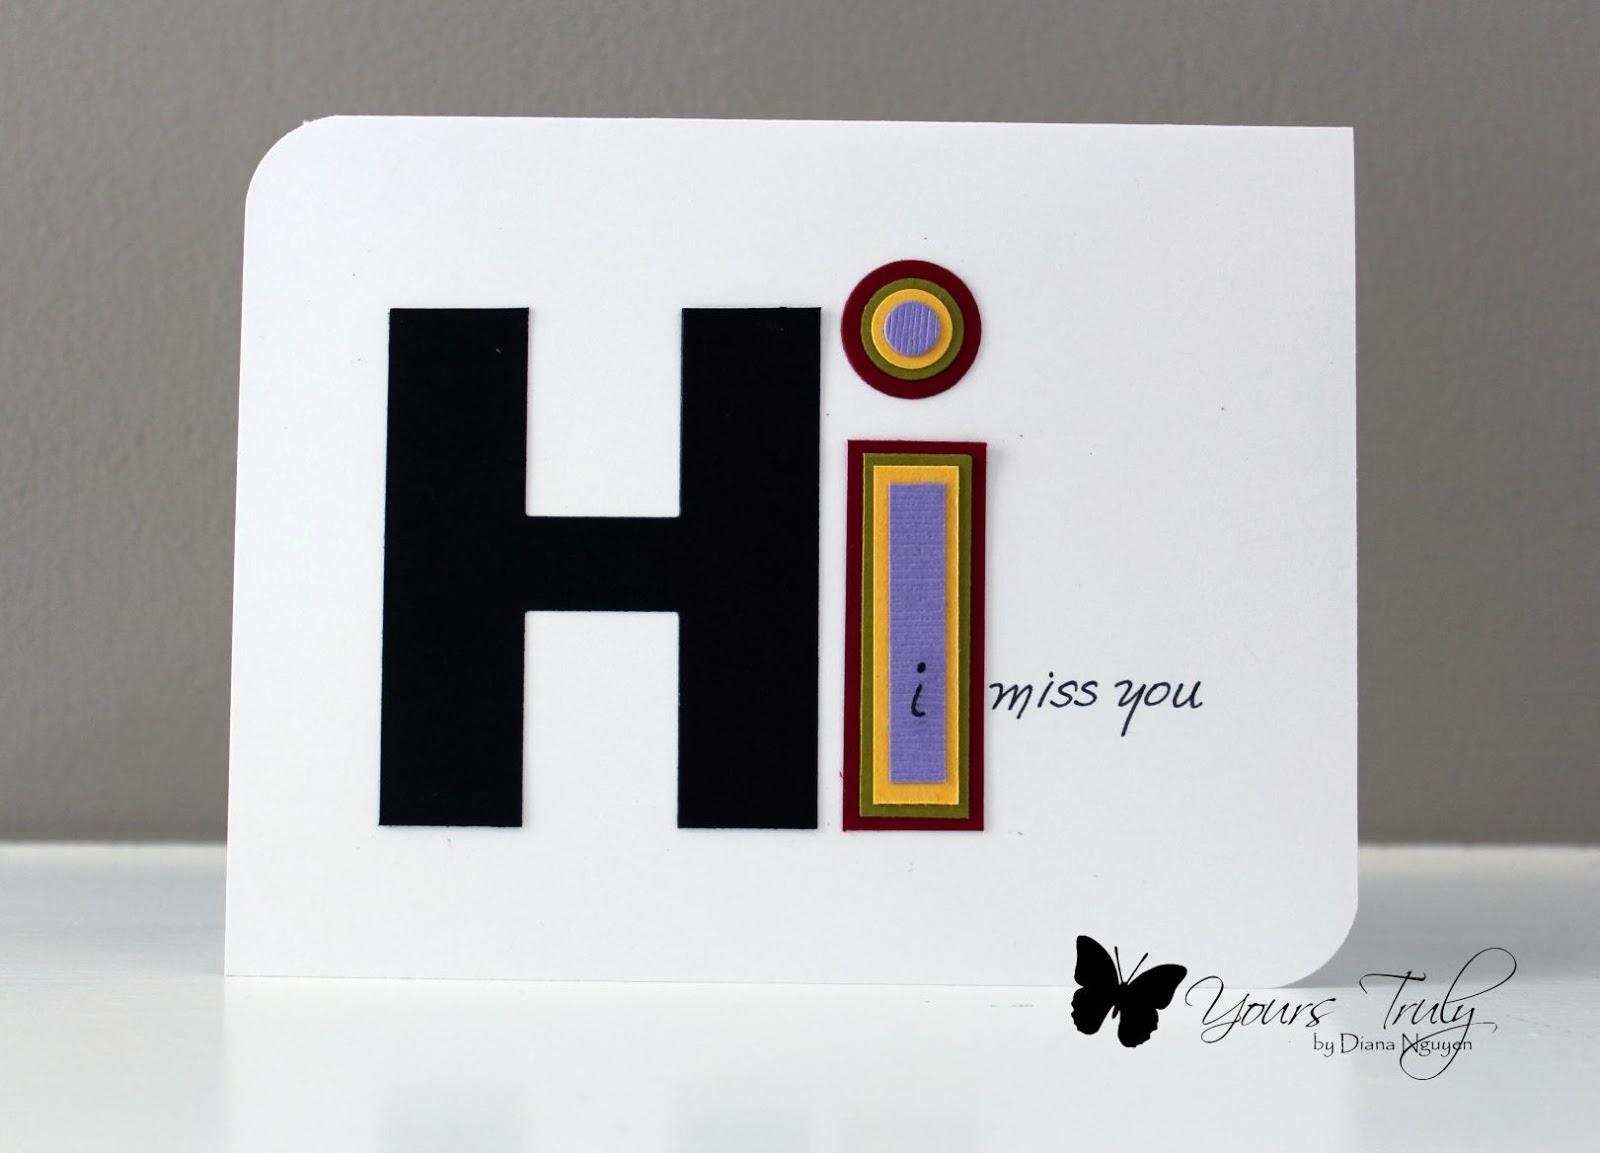 Diana Nguyen, CAS, handmade cards